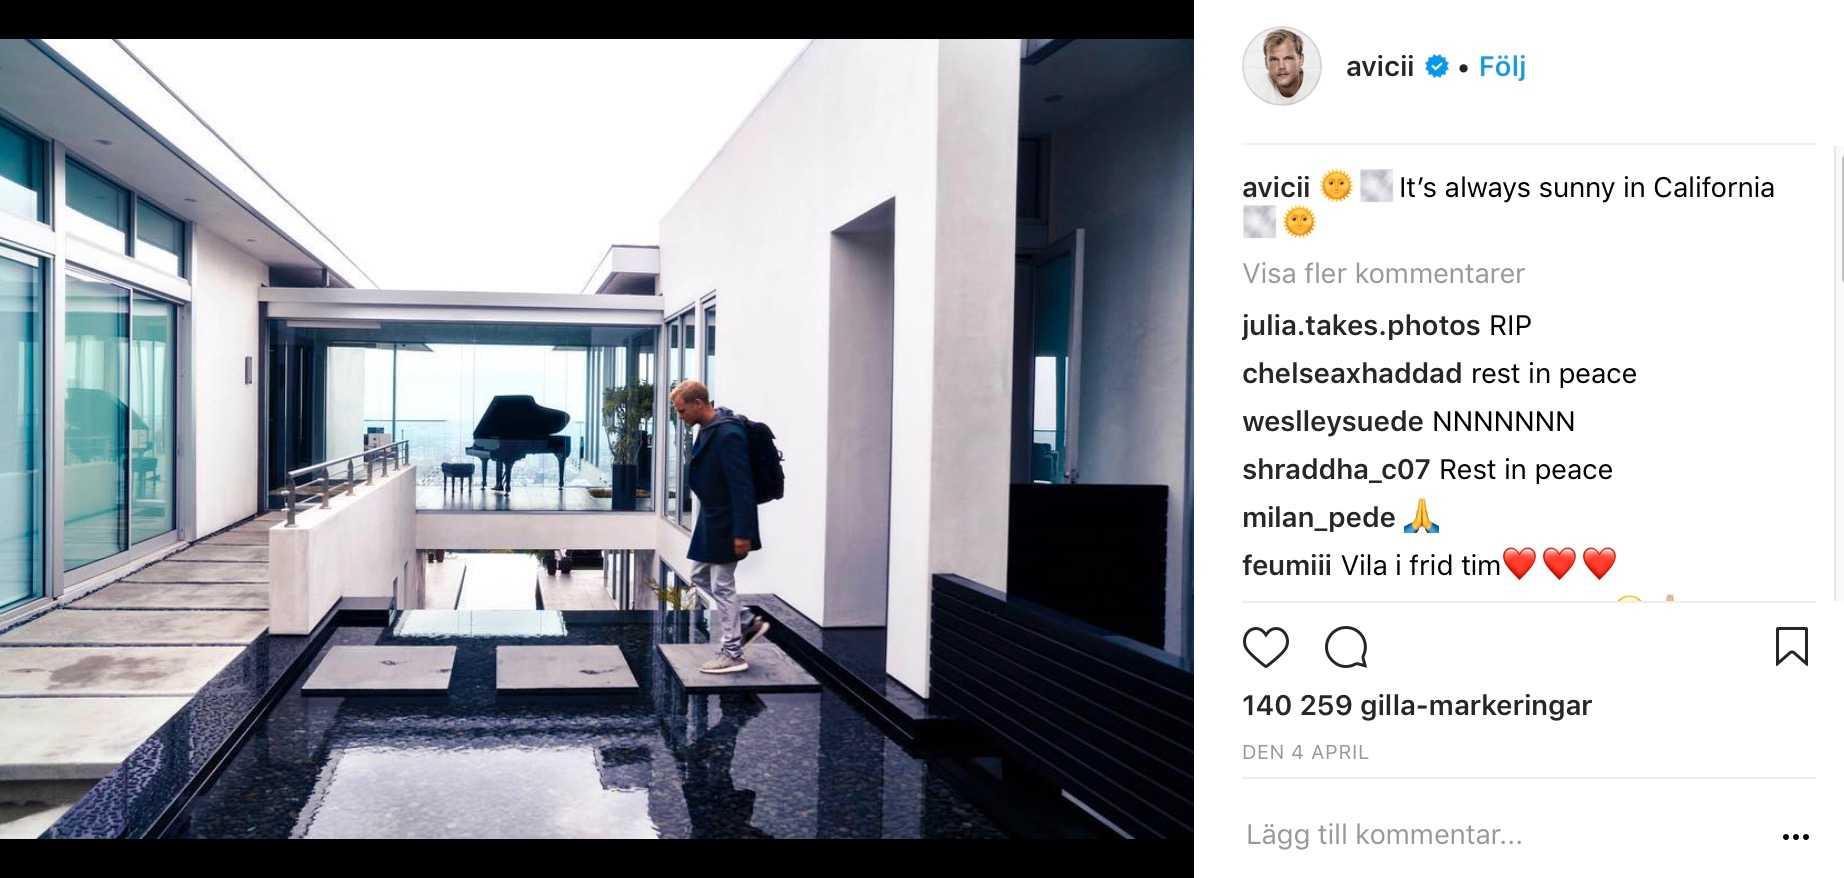 """Sista inlägget på Aviciis oficiella Instagramkonto """"Avicii"""", daterat den 4 april."""